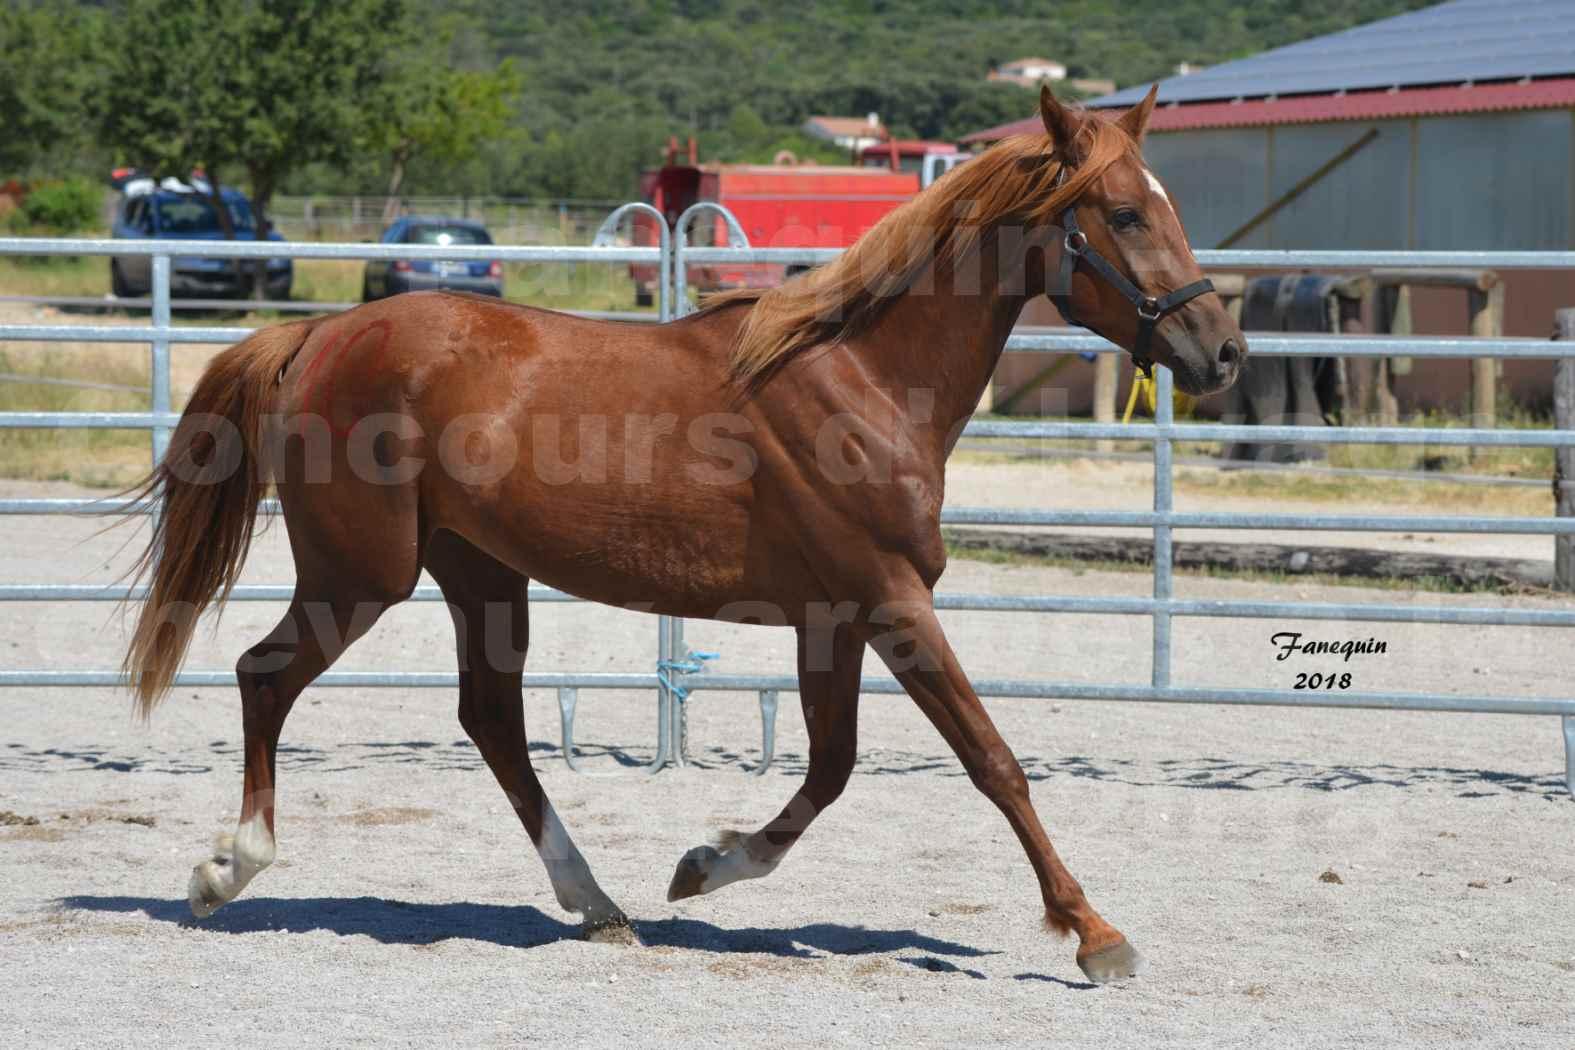 Concours d'Elevage de chevaux Arabes  le 27 juin 2018 à la BOISSIERE - FINLEY DES DOLINES - 08